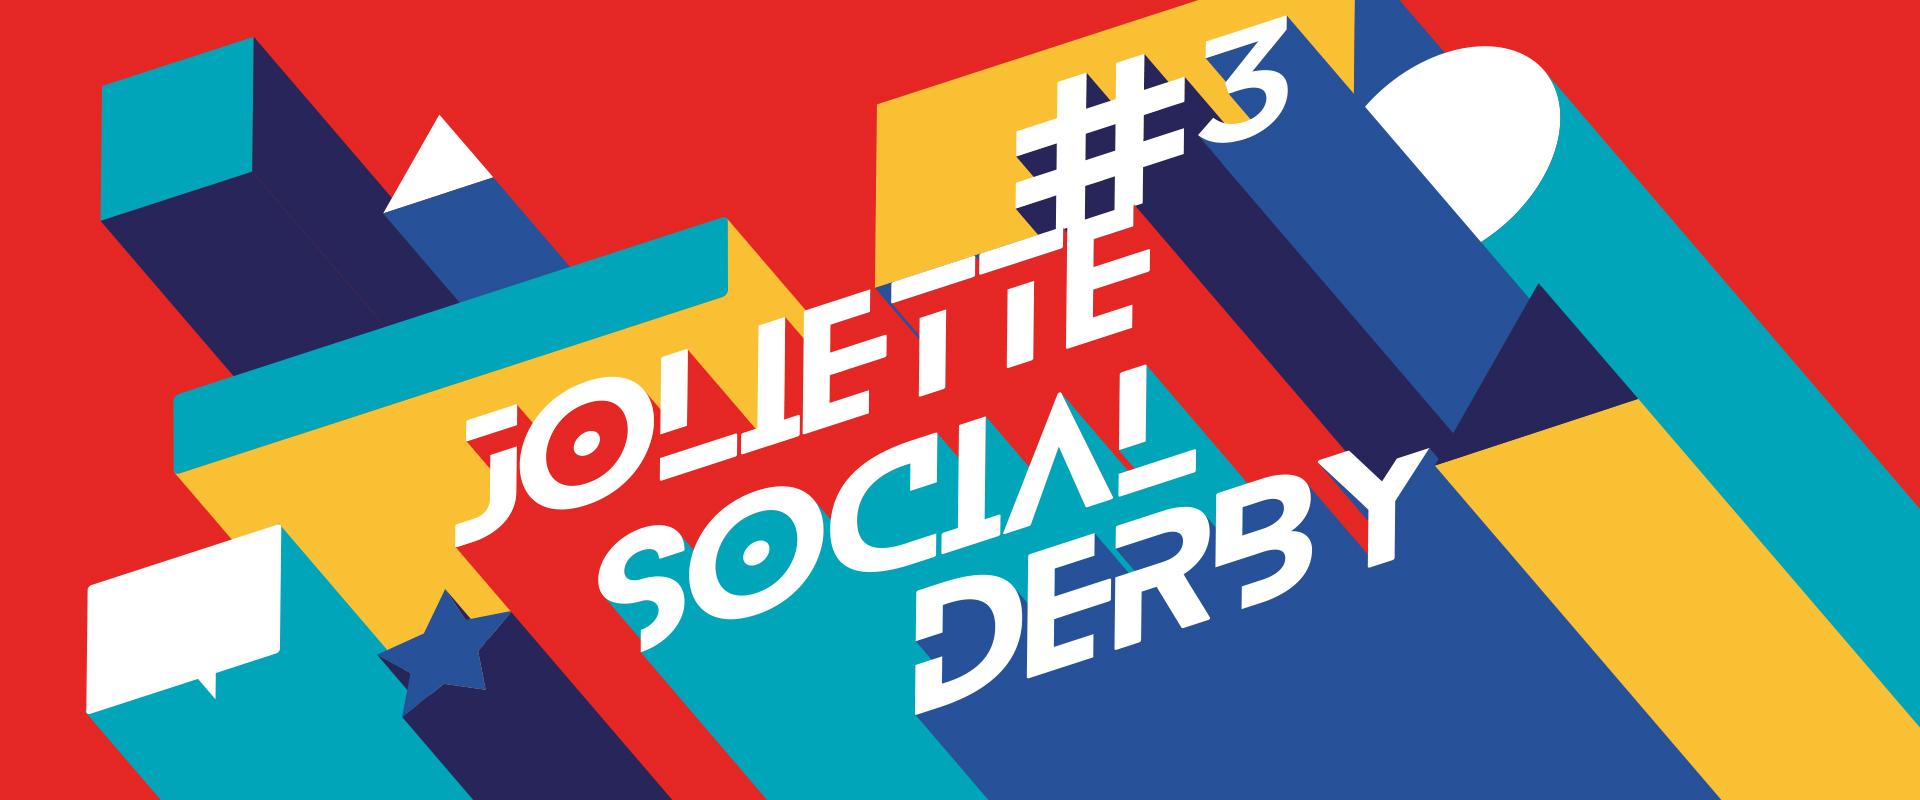 Joliette Social Derby #3